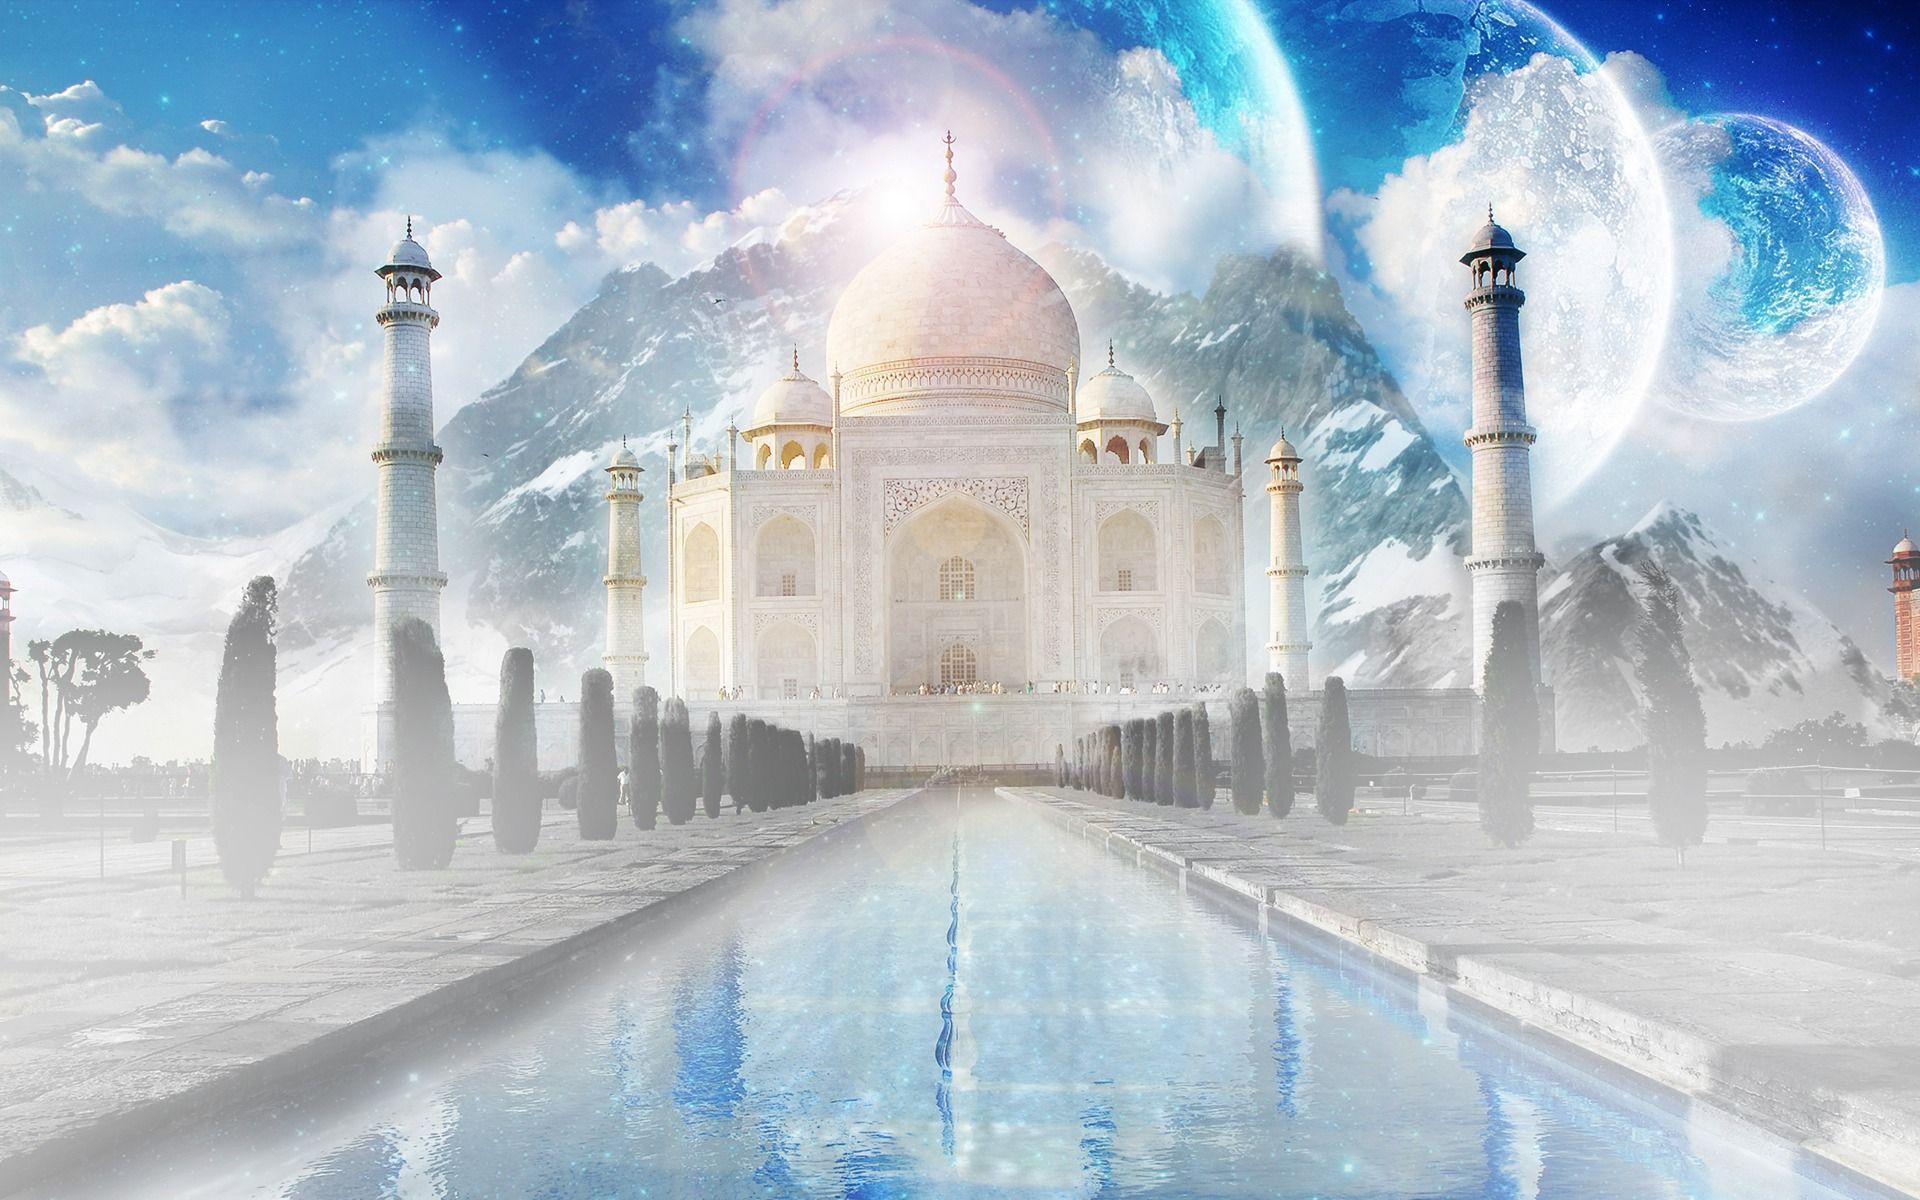 1920x1200 Hình nền Taj Mahal Hình nền Thế giới Ấn Độ ở định dạng jpg